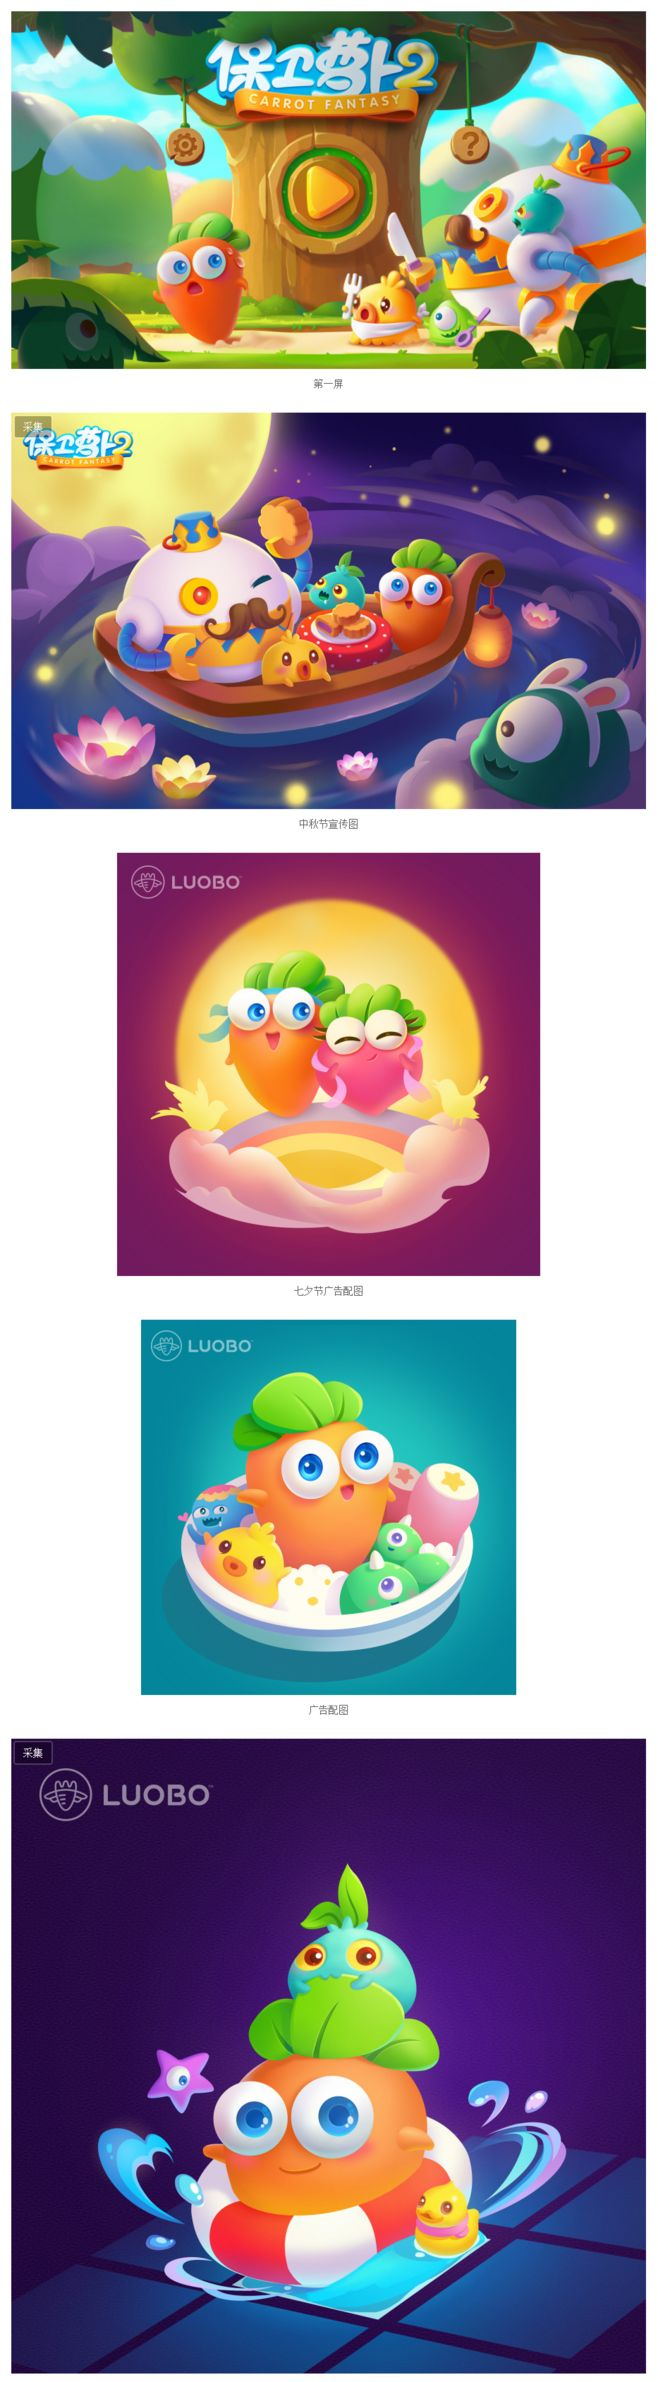 《保卫萝卜2》插画集合 游戏原画 插画 ...